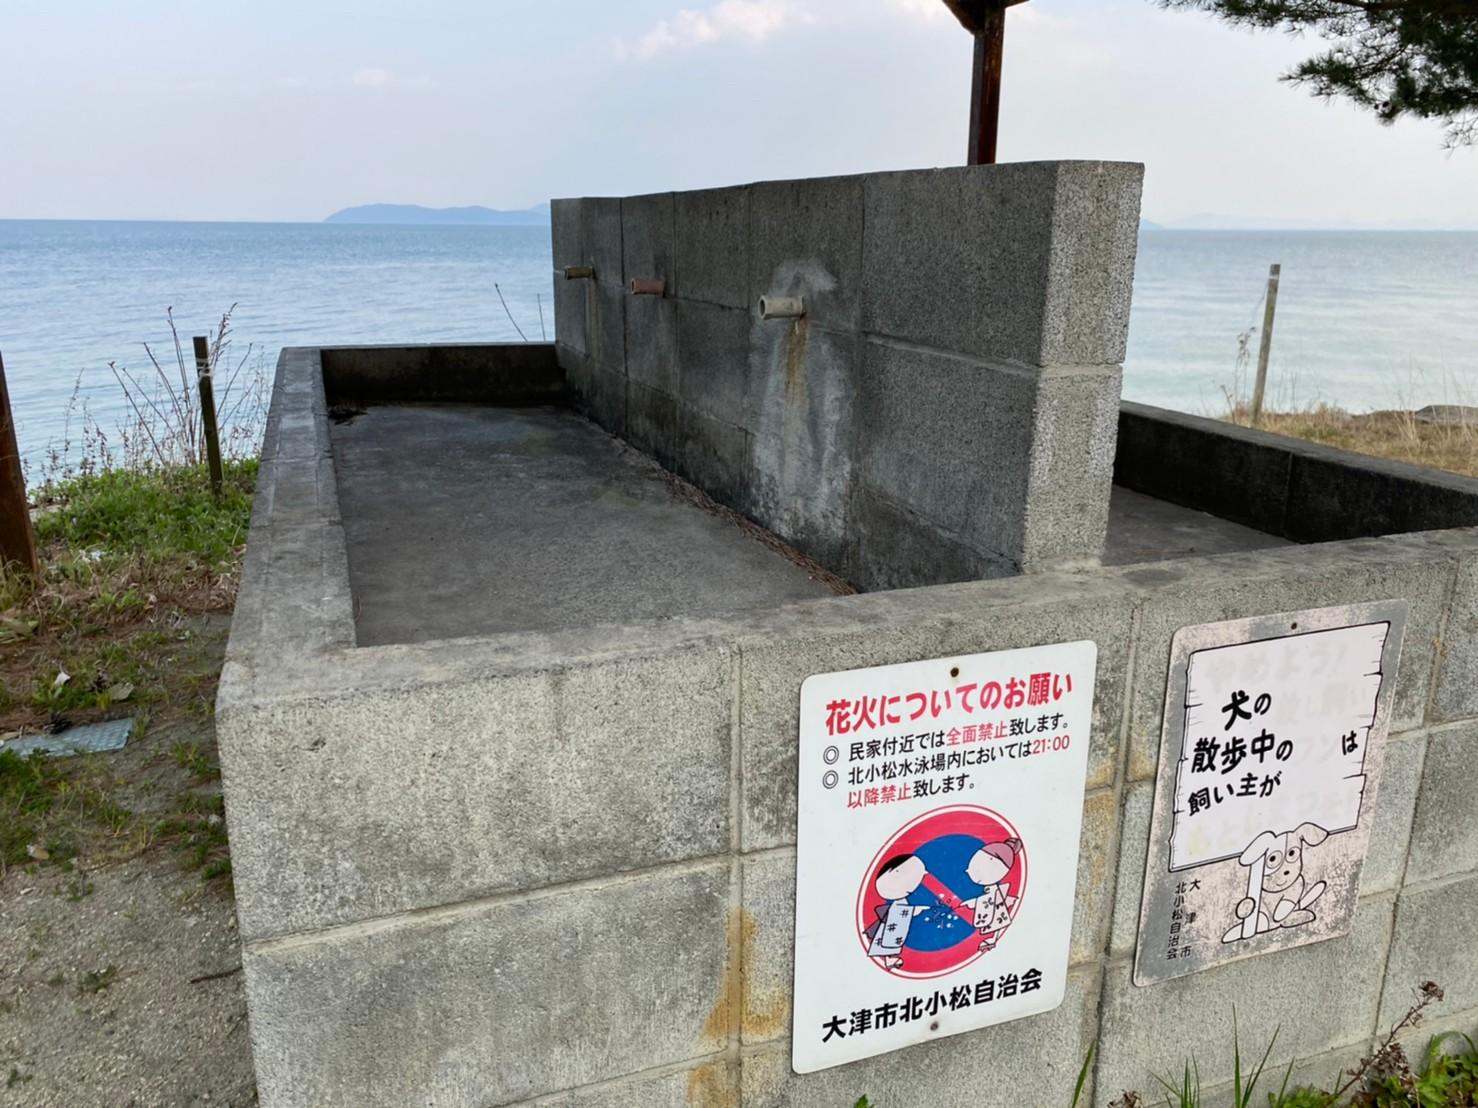 【大津市】『北小松水泳場』のアウトドア情報(駐車場・トイレ・釣り)